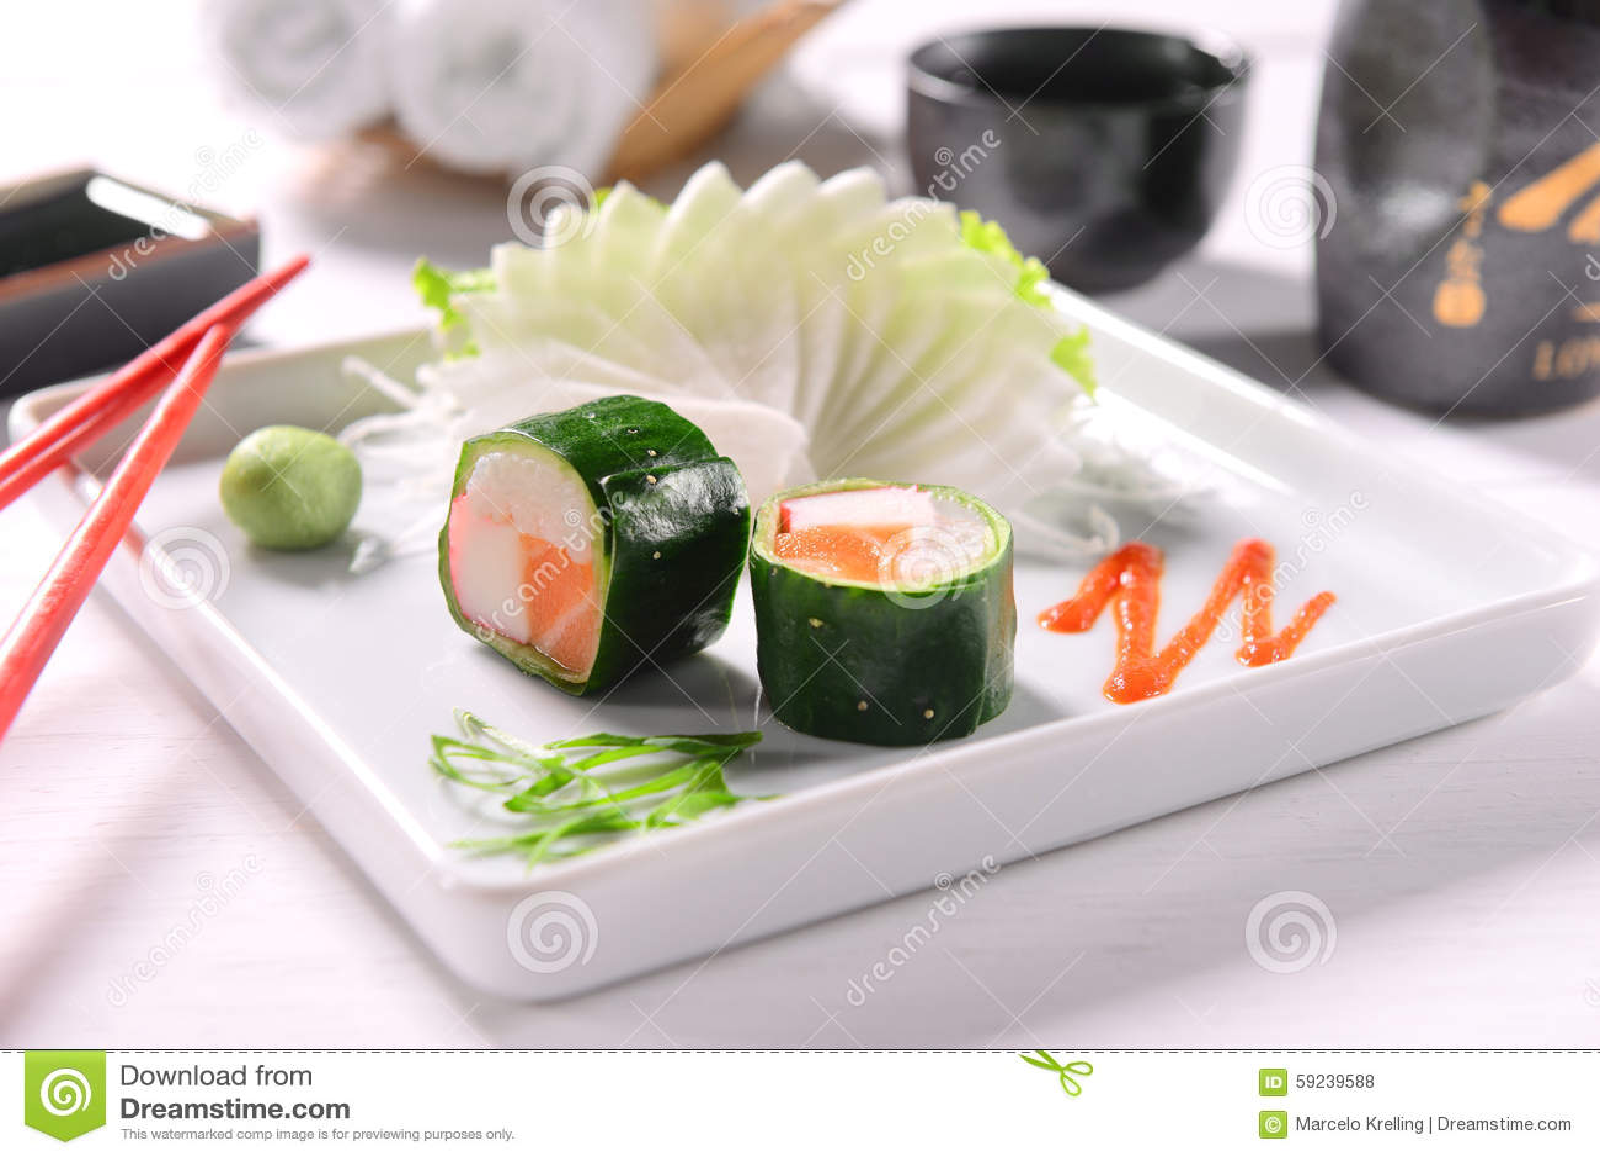 Download Sushi foto de archivo. Imagen de inferior, pares, mercancías - 59239588